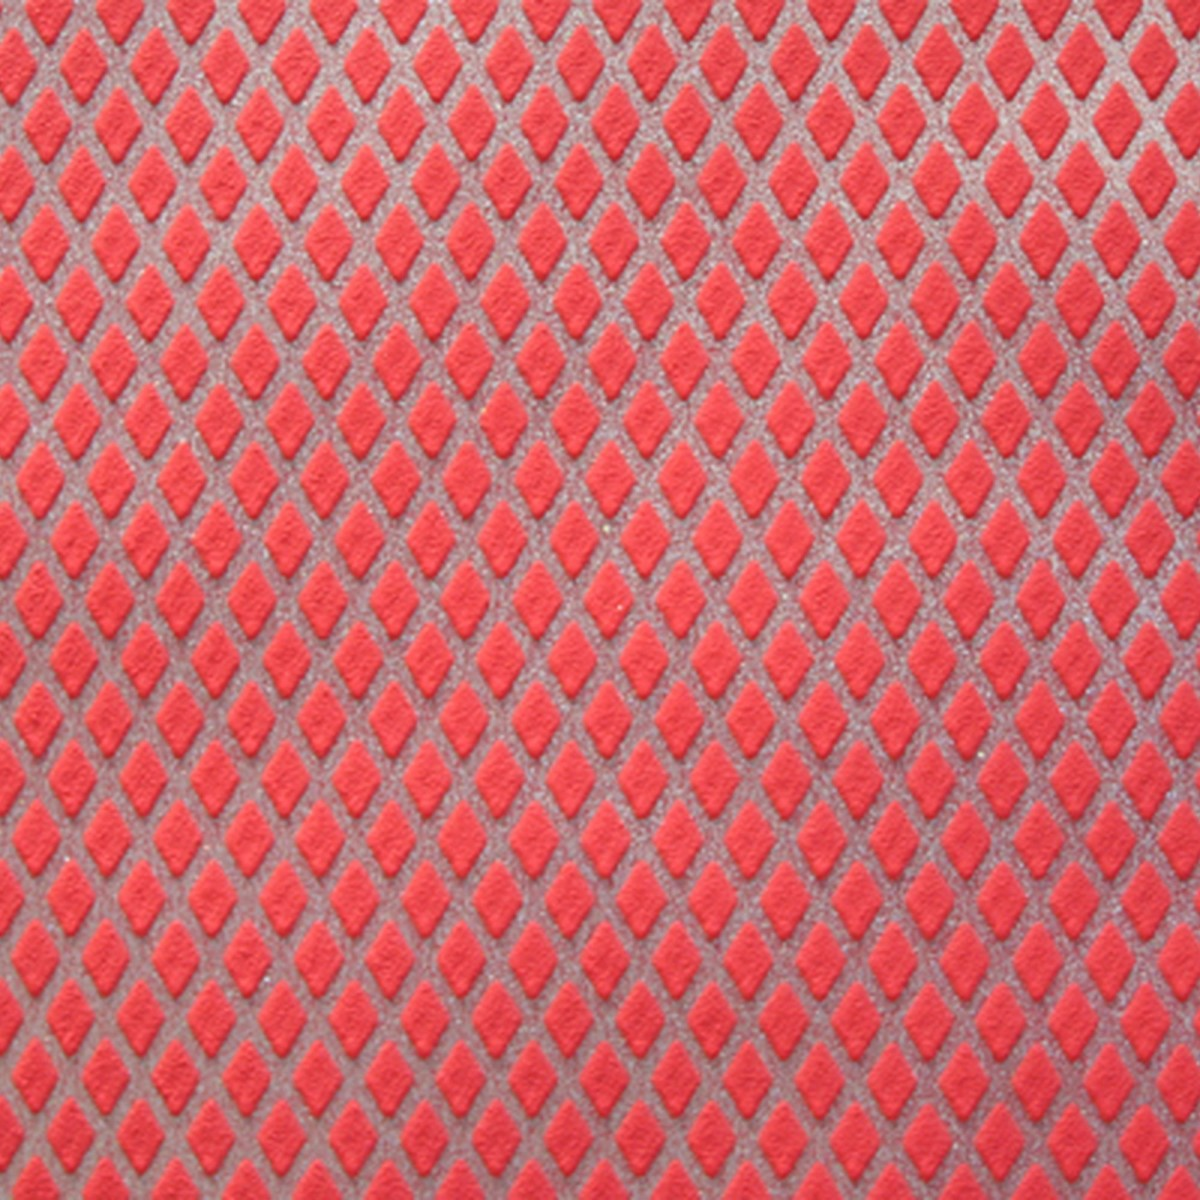 Обои на флизелиновой основе 1 06х10 м фон красный Эл Е74406